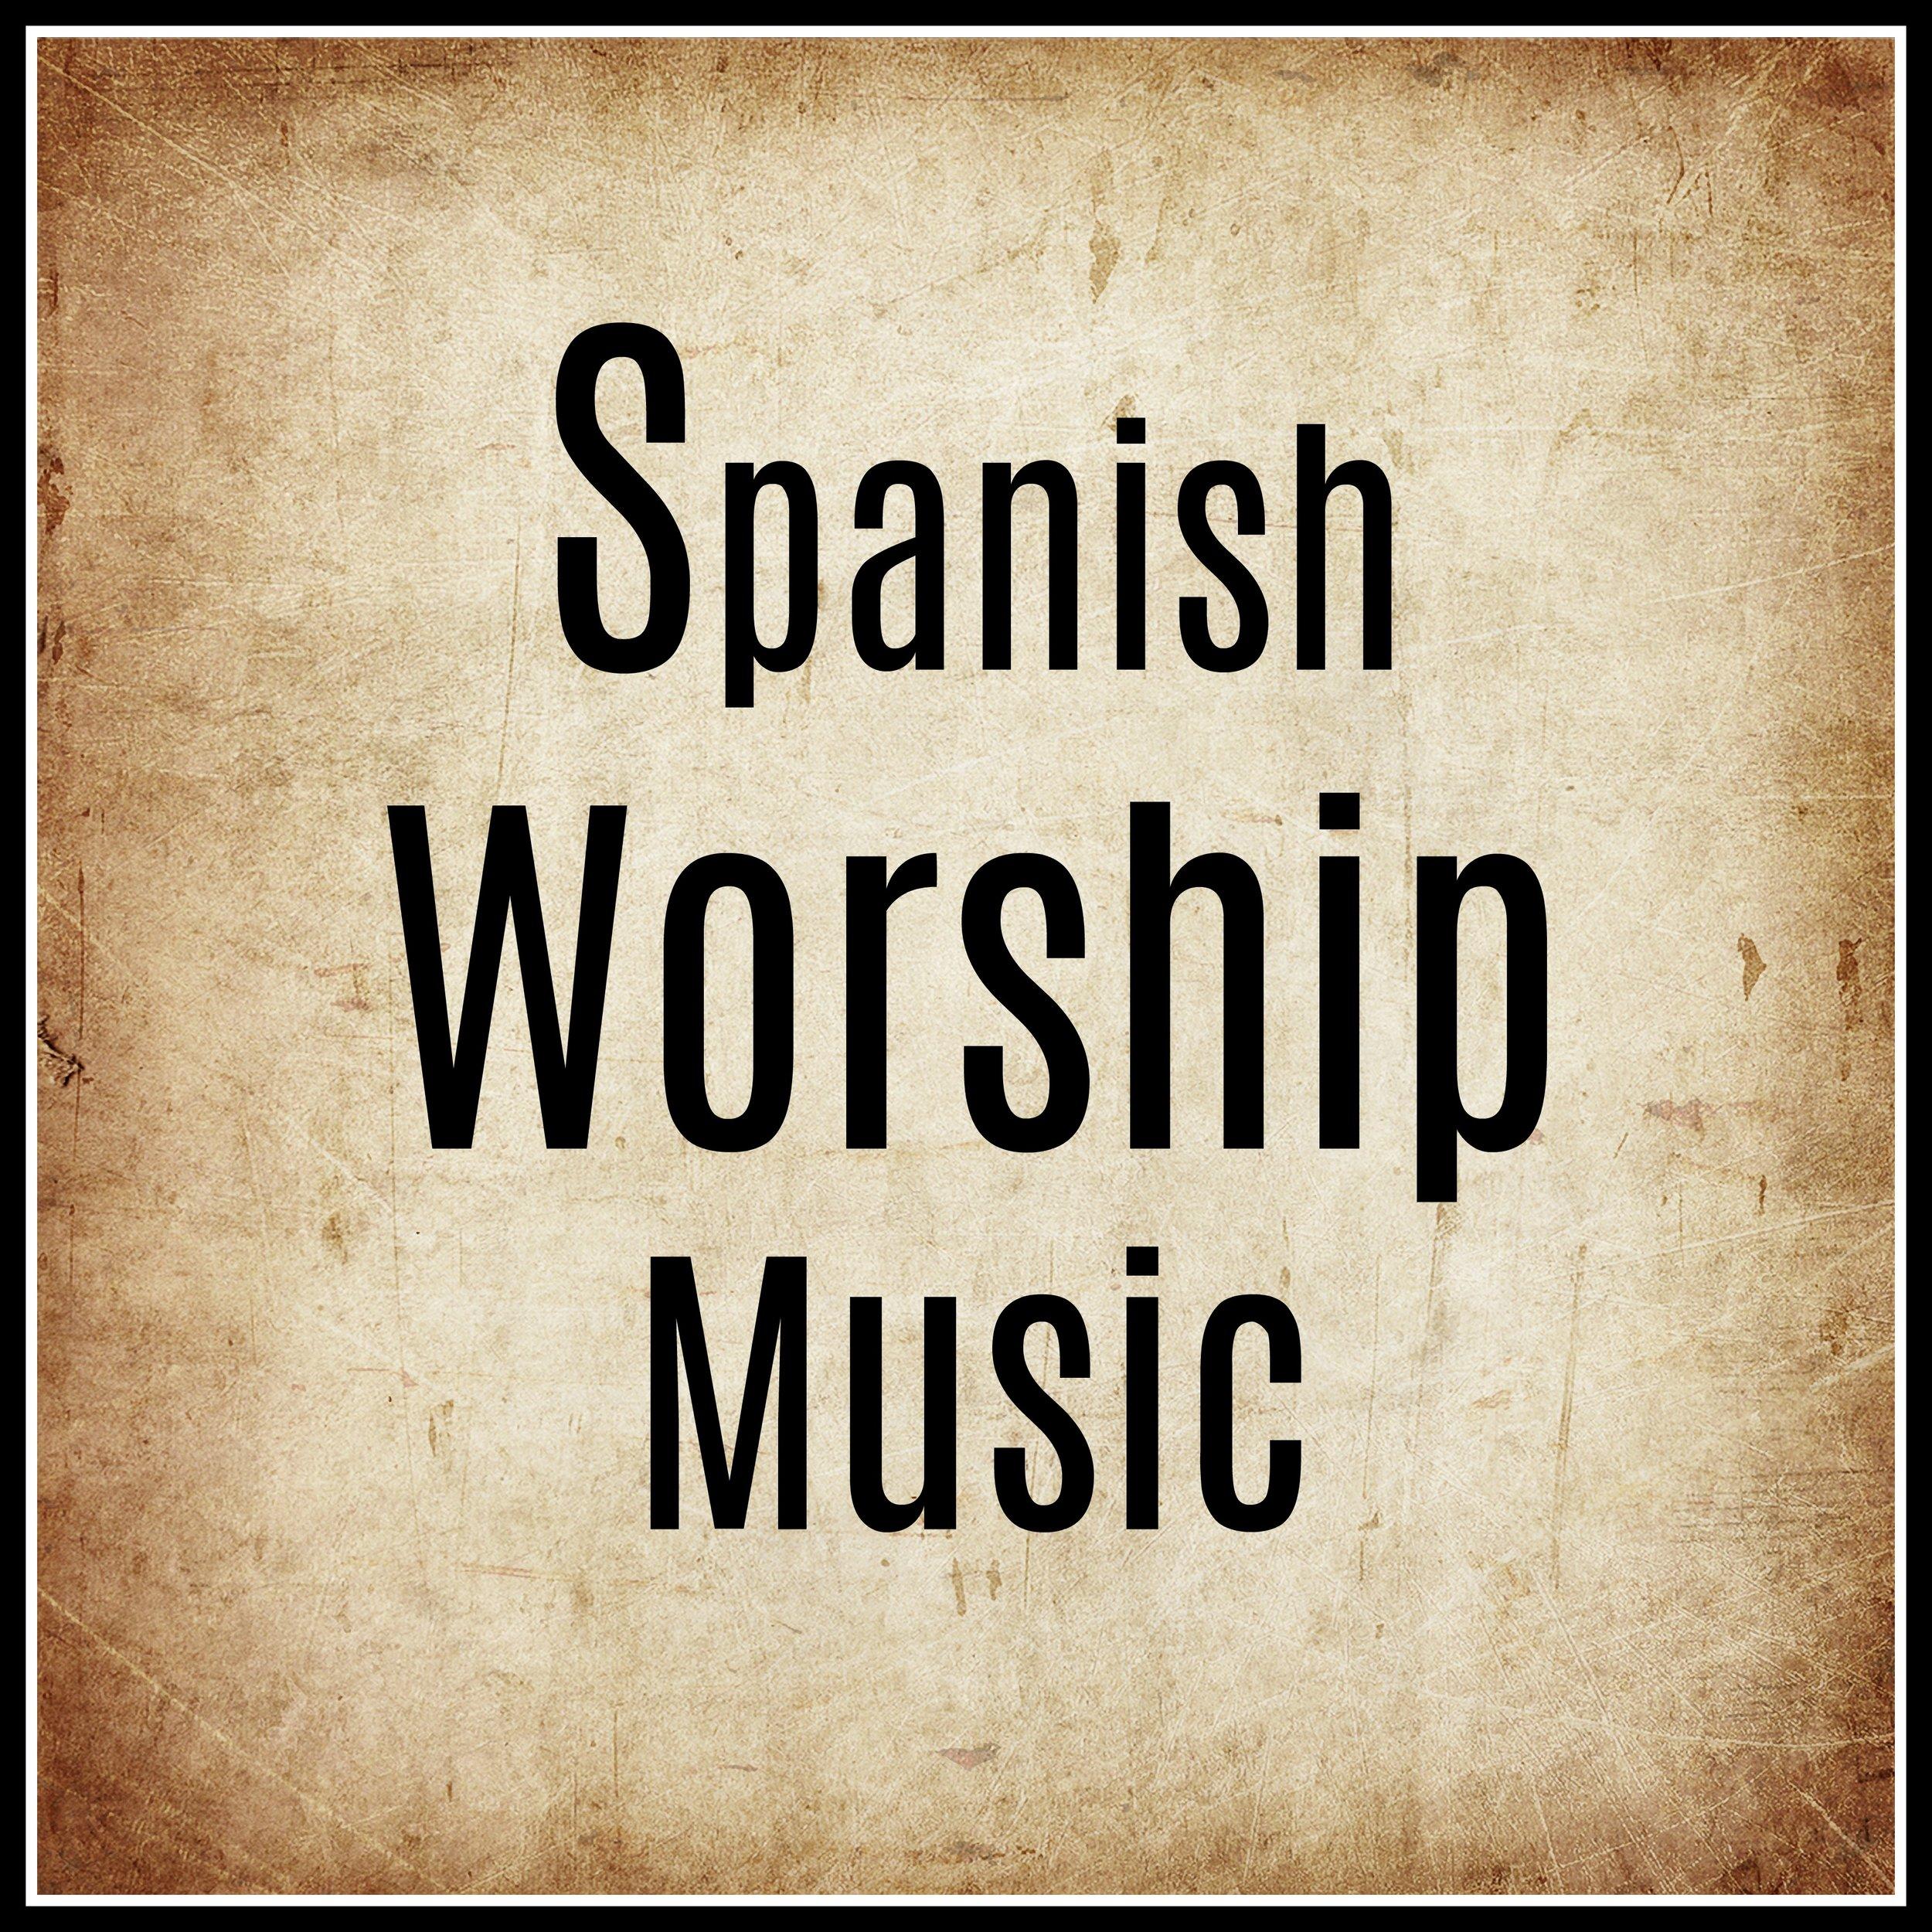 Spanish Worship Music.jpg